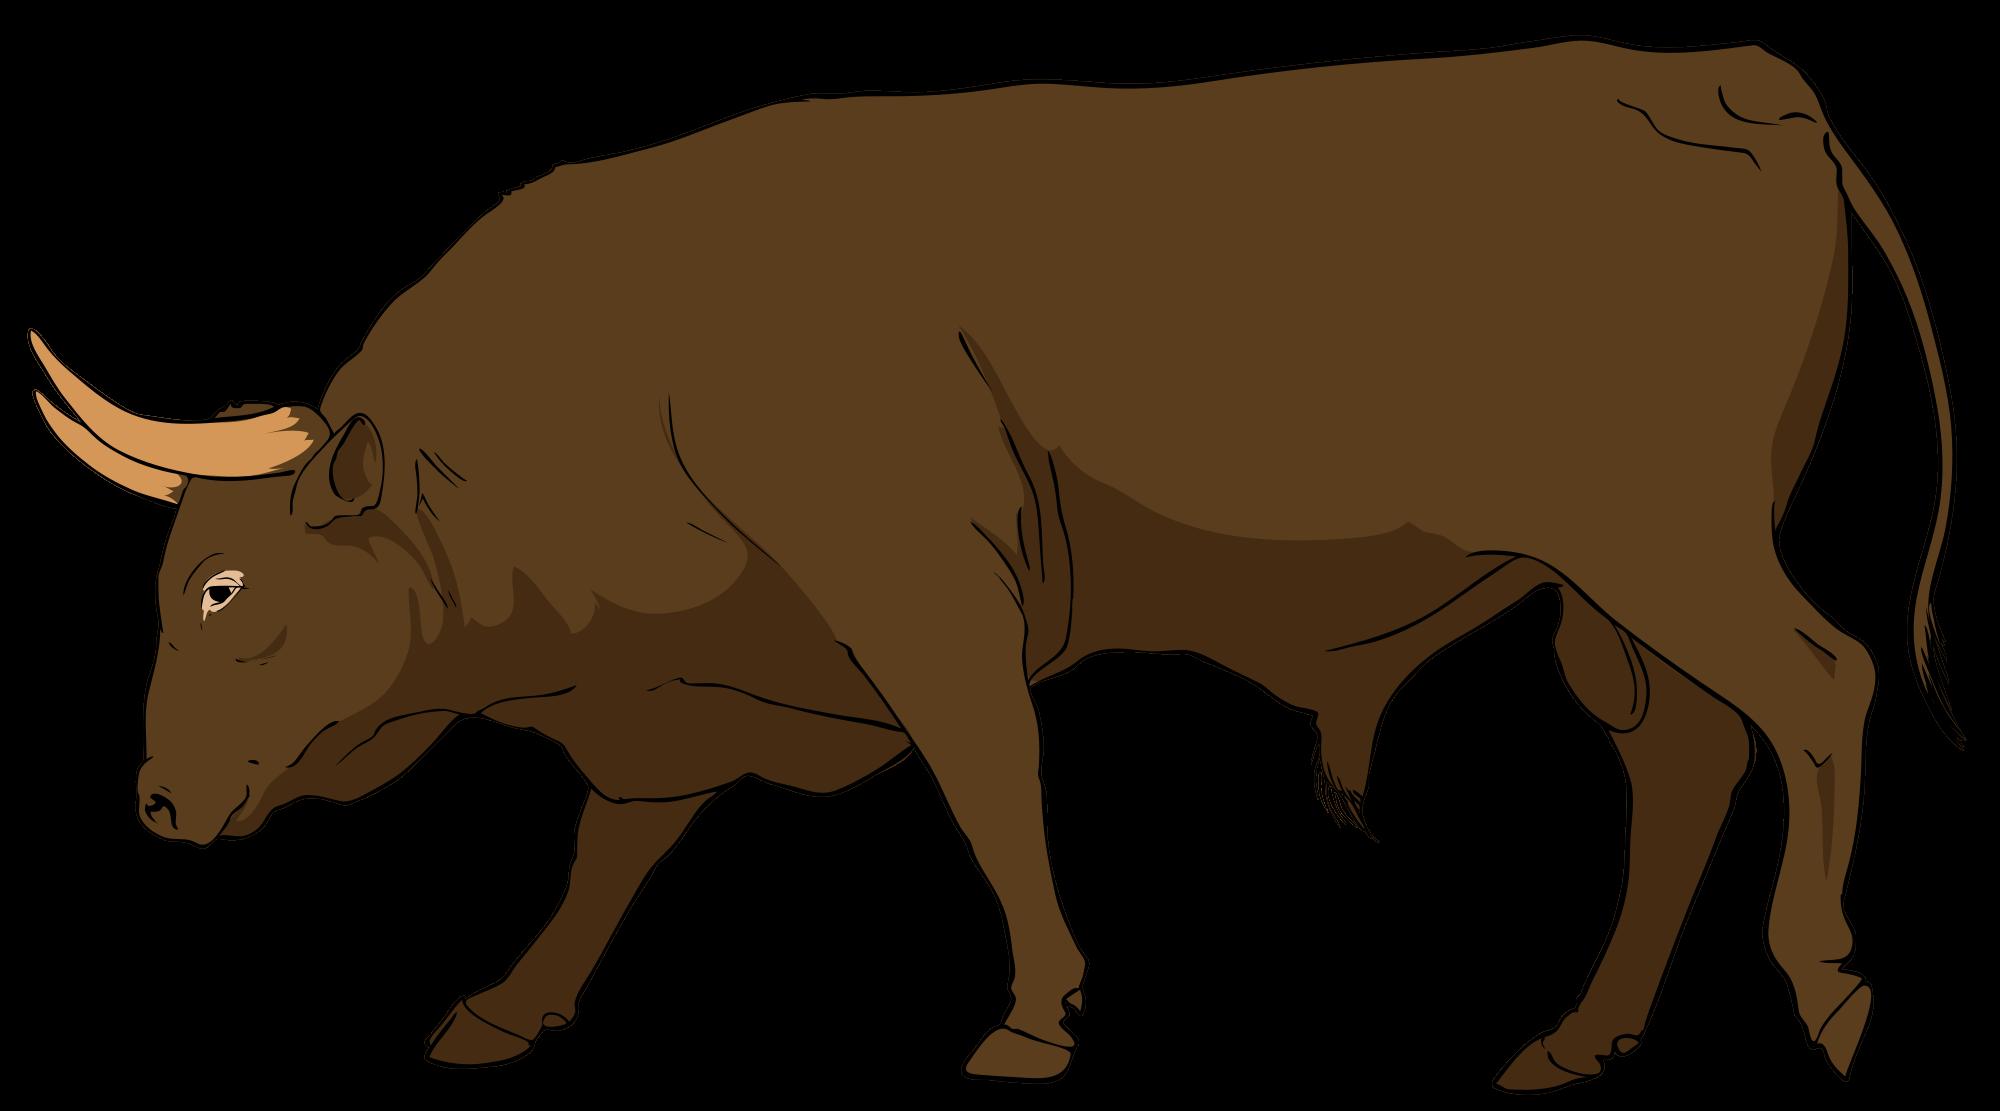 Bull Clipart & Bull Clip Art Images.